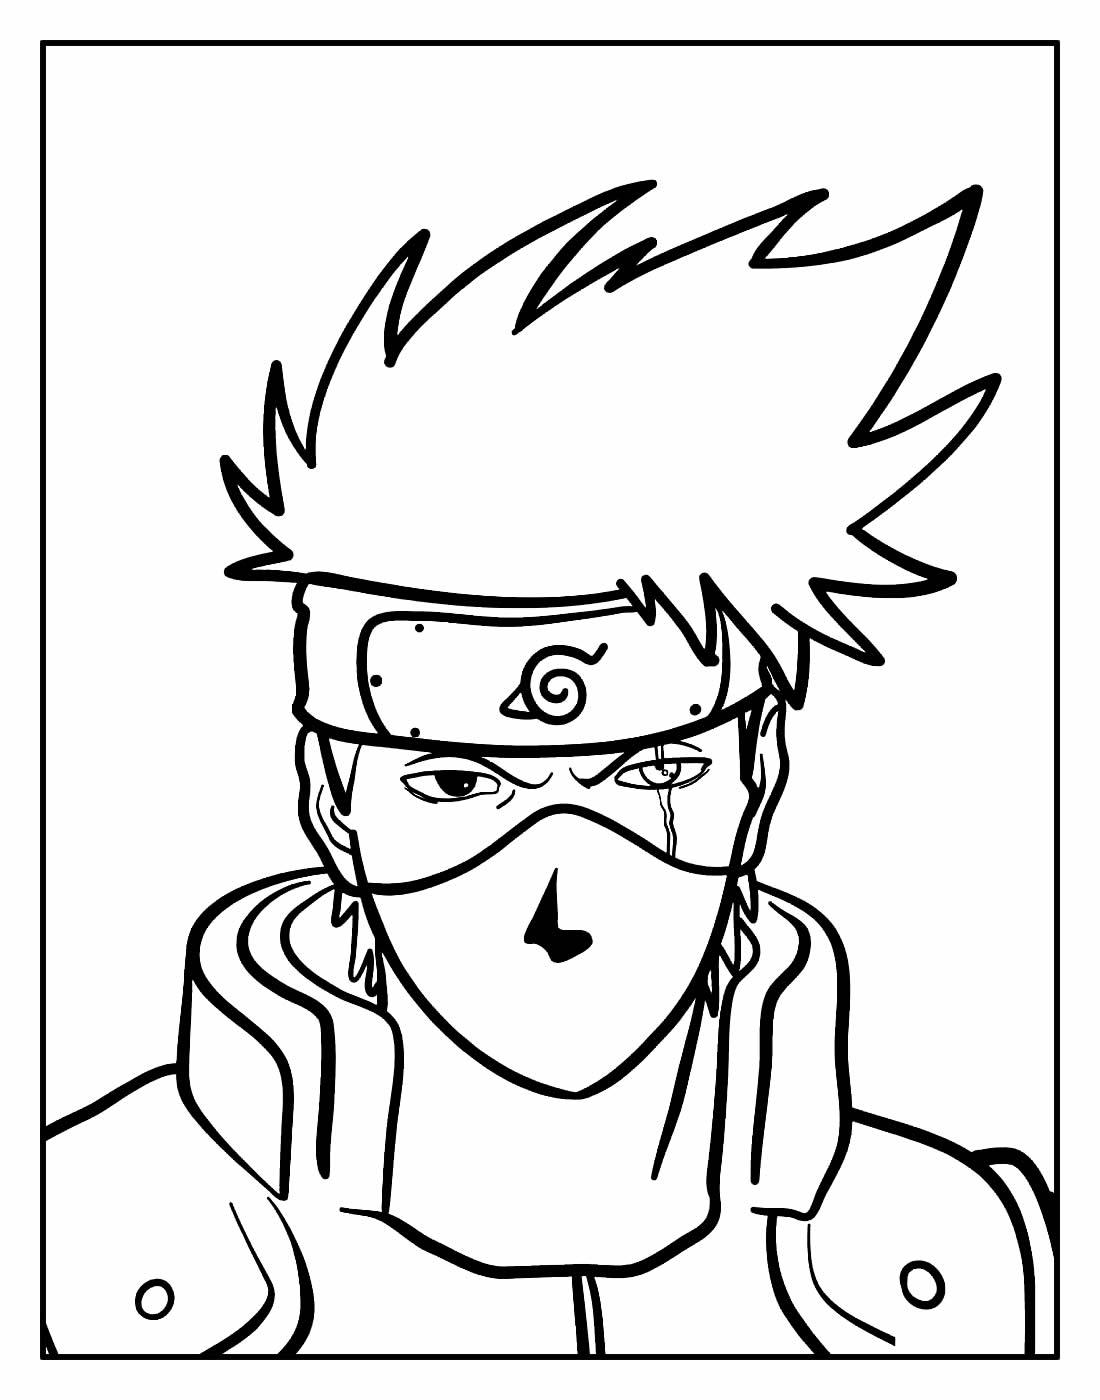 Desenho para colorir de Kakashi Hatake